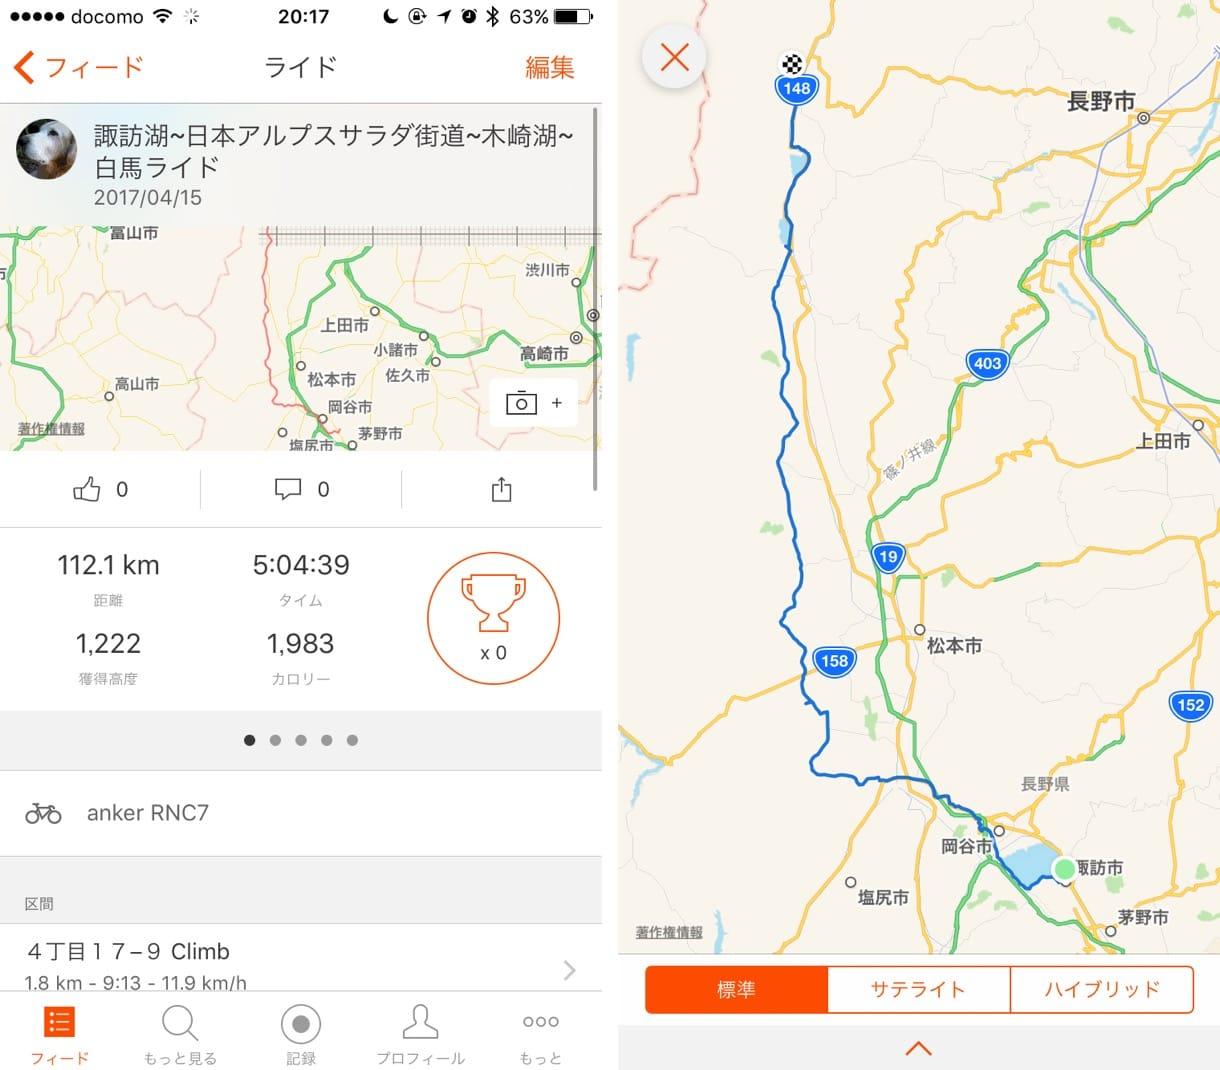 諏訪湖から白馬村までのライド記録